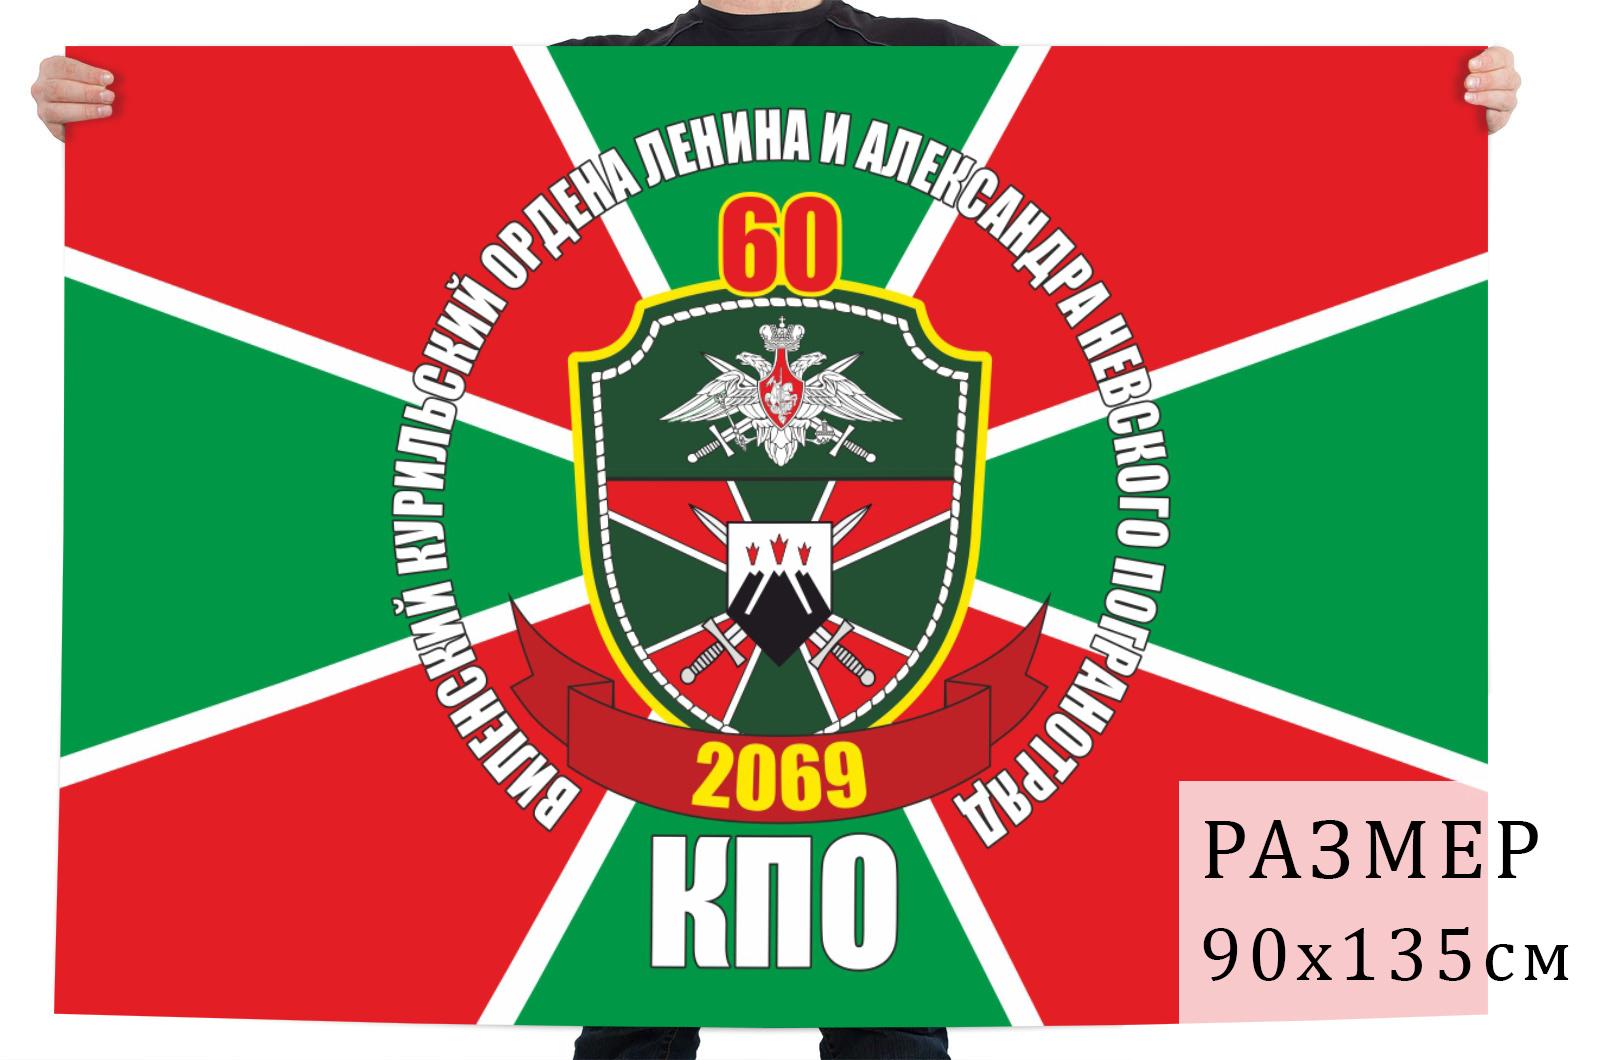 Флаг 60 ордена Ленина и Александра Невского пограничного отряда